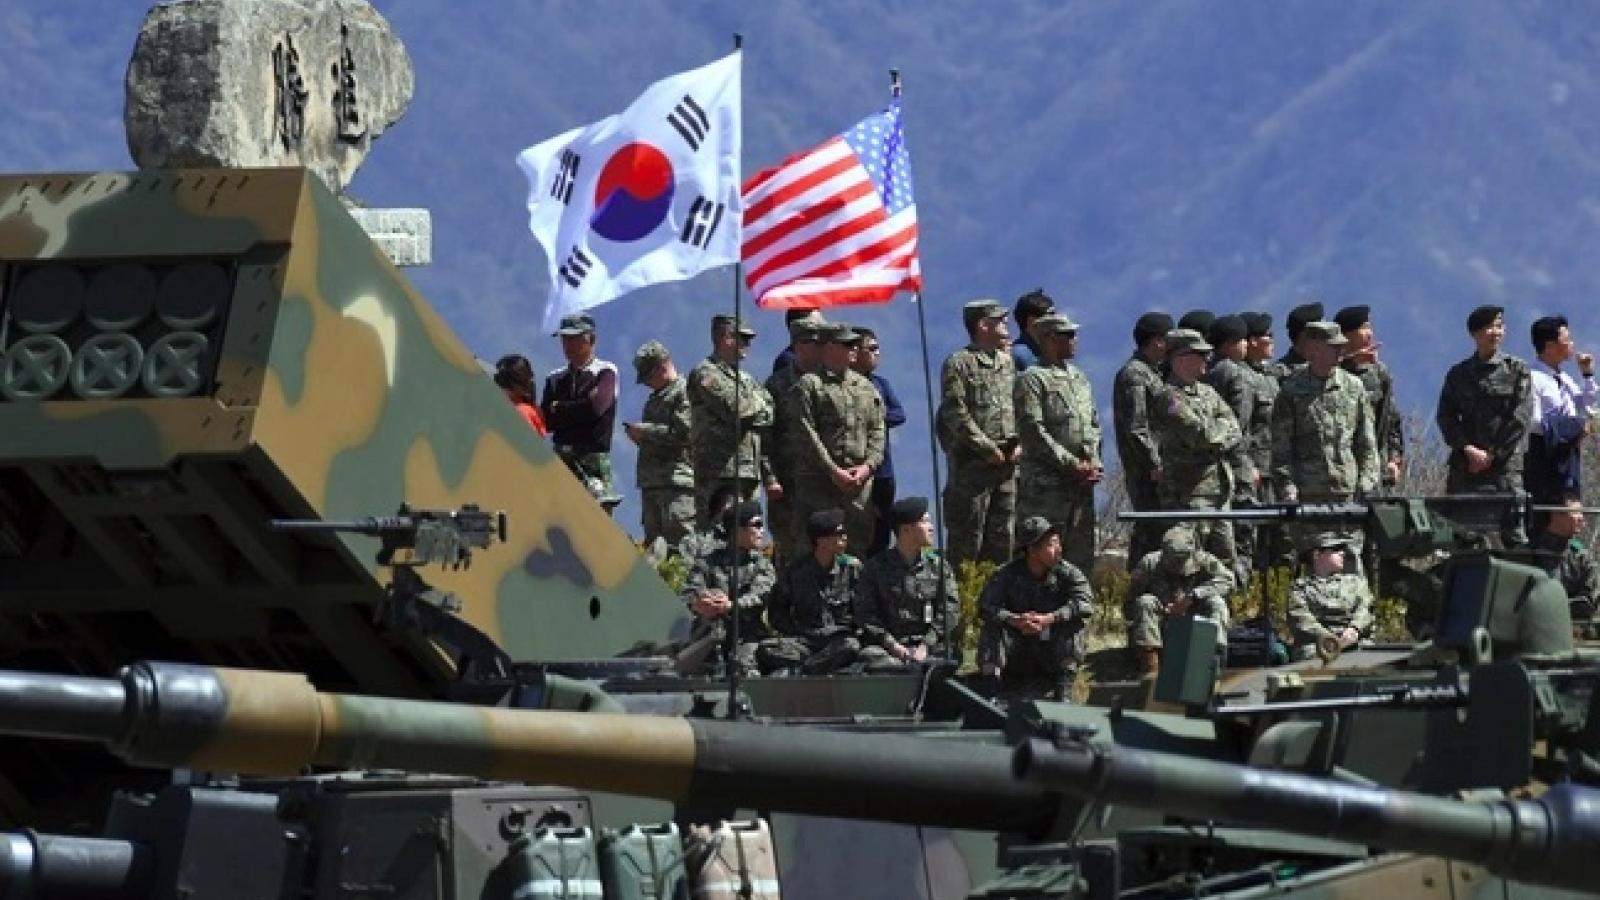 Chia sẻ chi phí lính Mỹ đồn trú – Mỹ, Hàn Quốc đạt thỏa thuận trên nguyên tắc